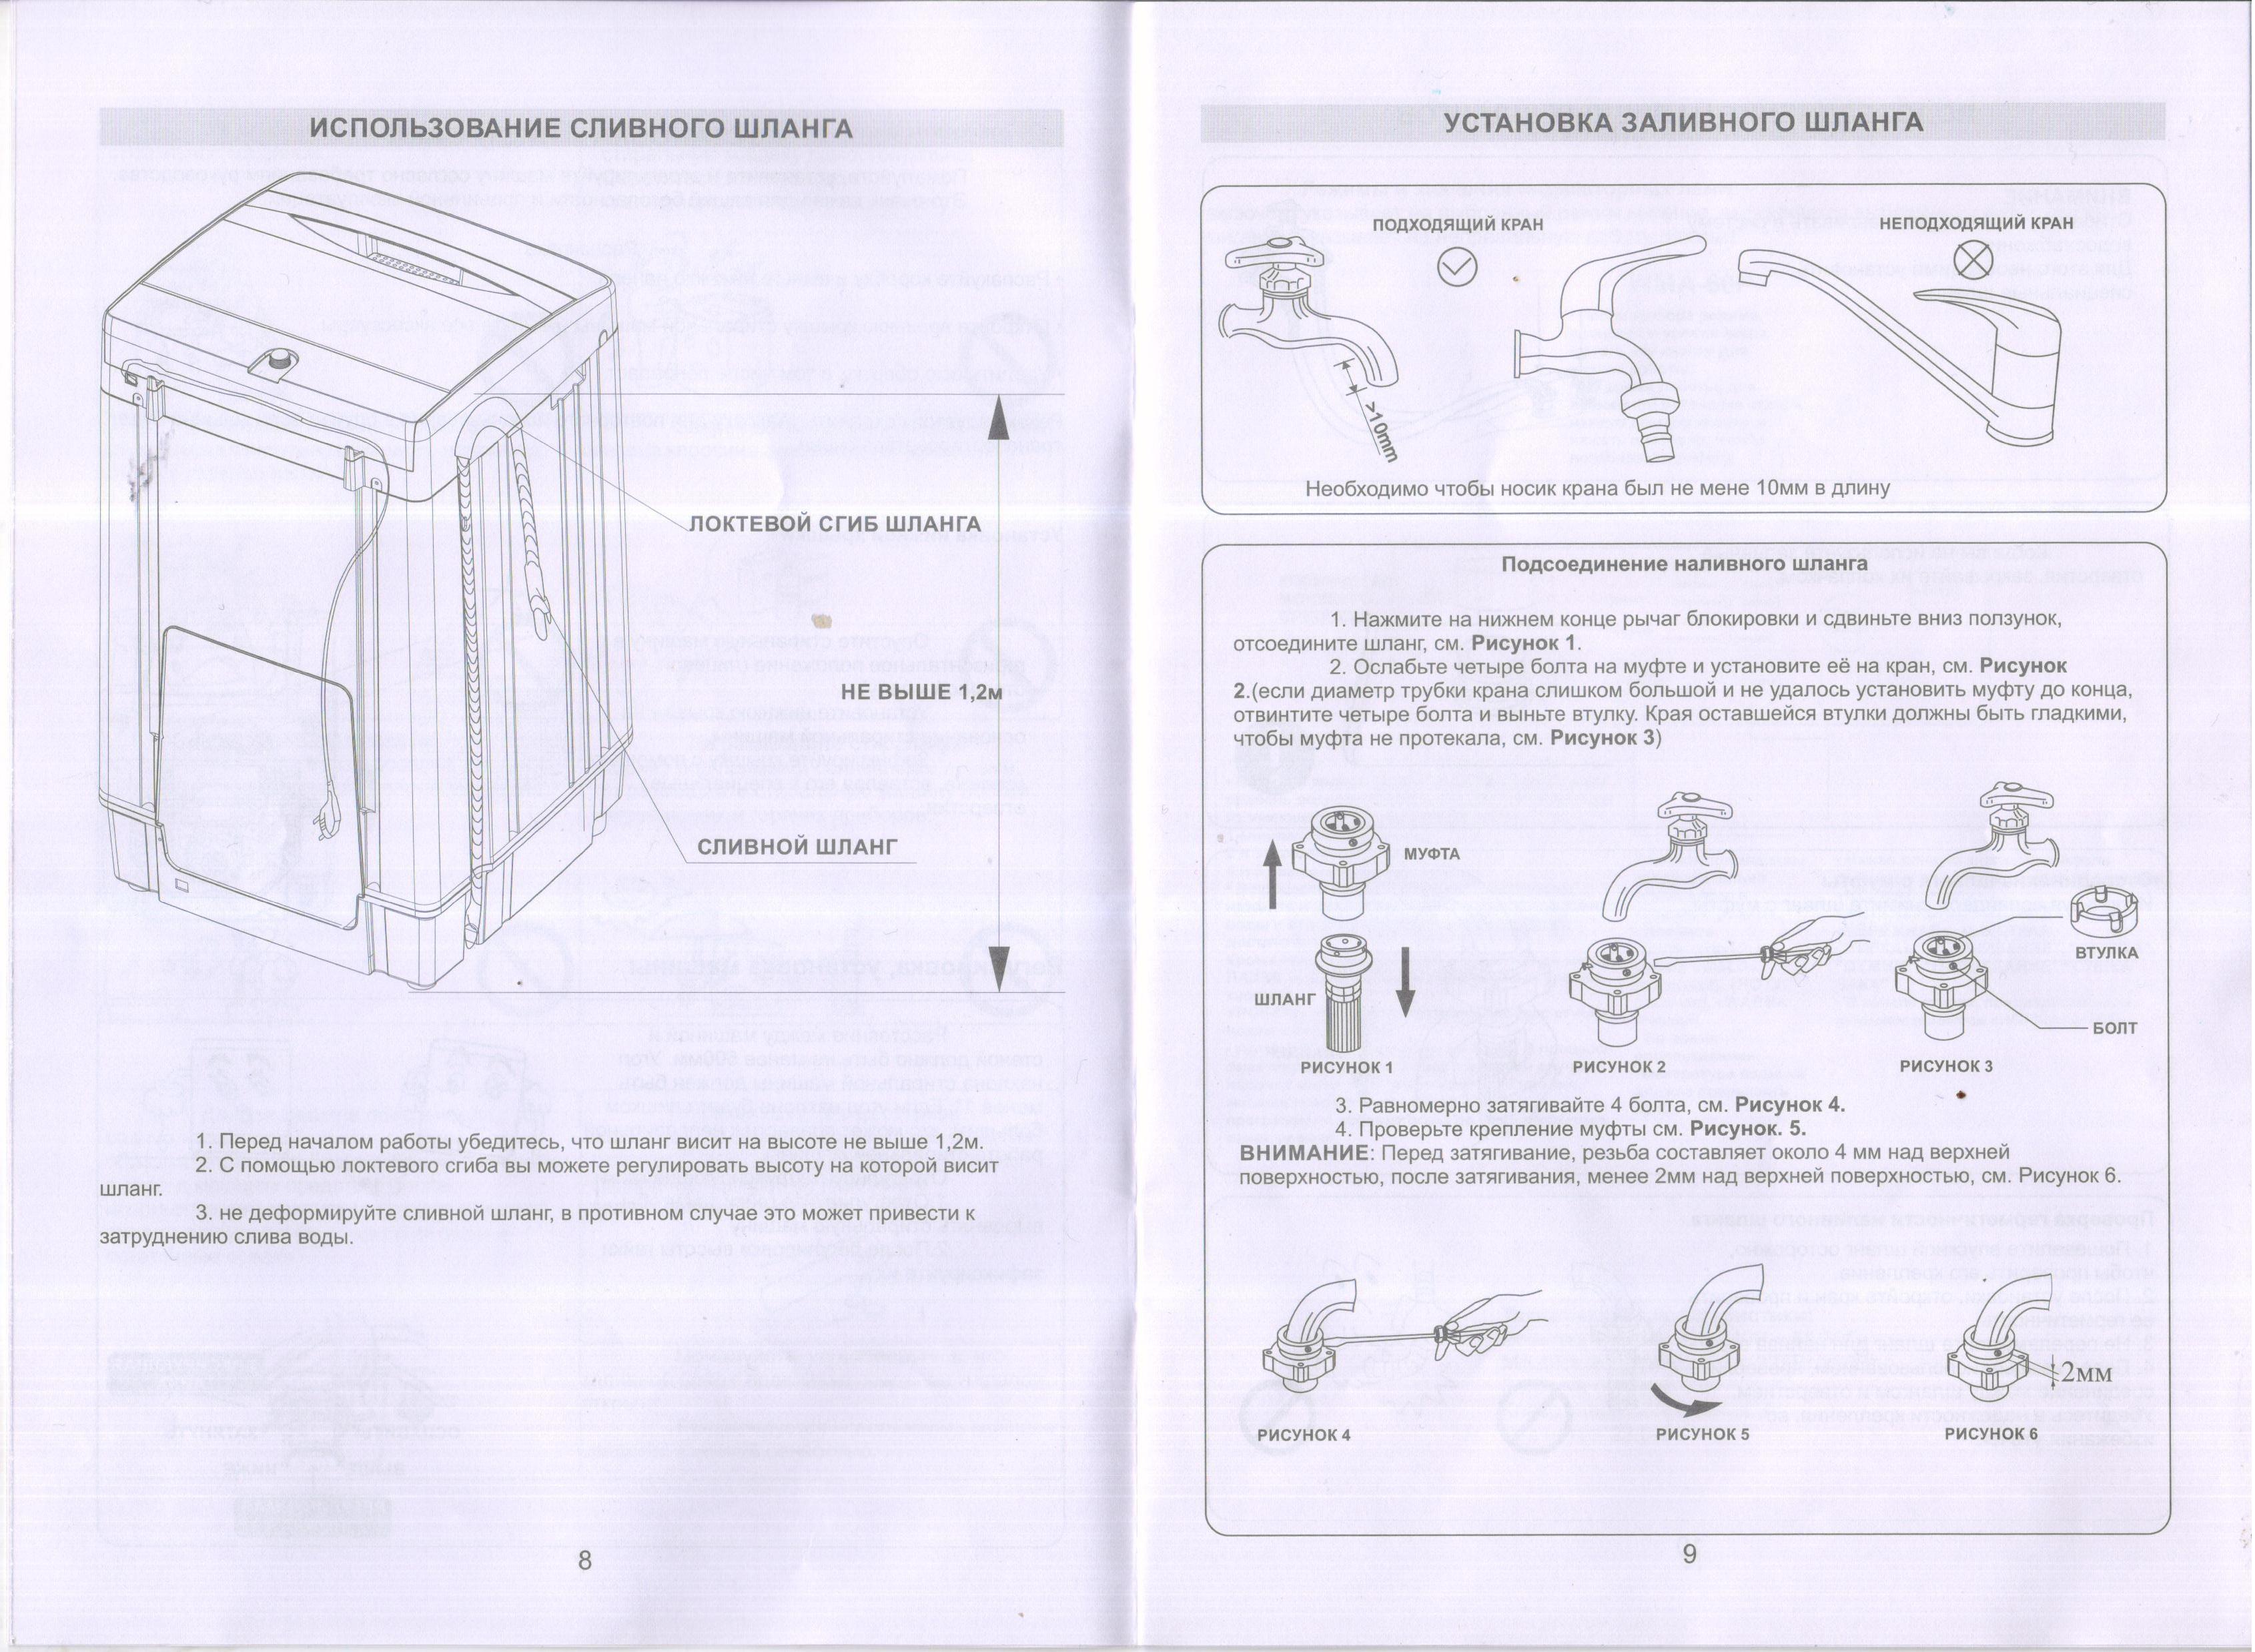 Инструкция установки заливного шланга